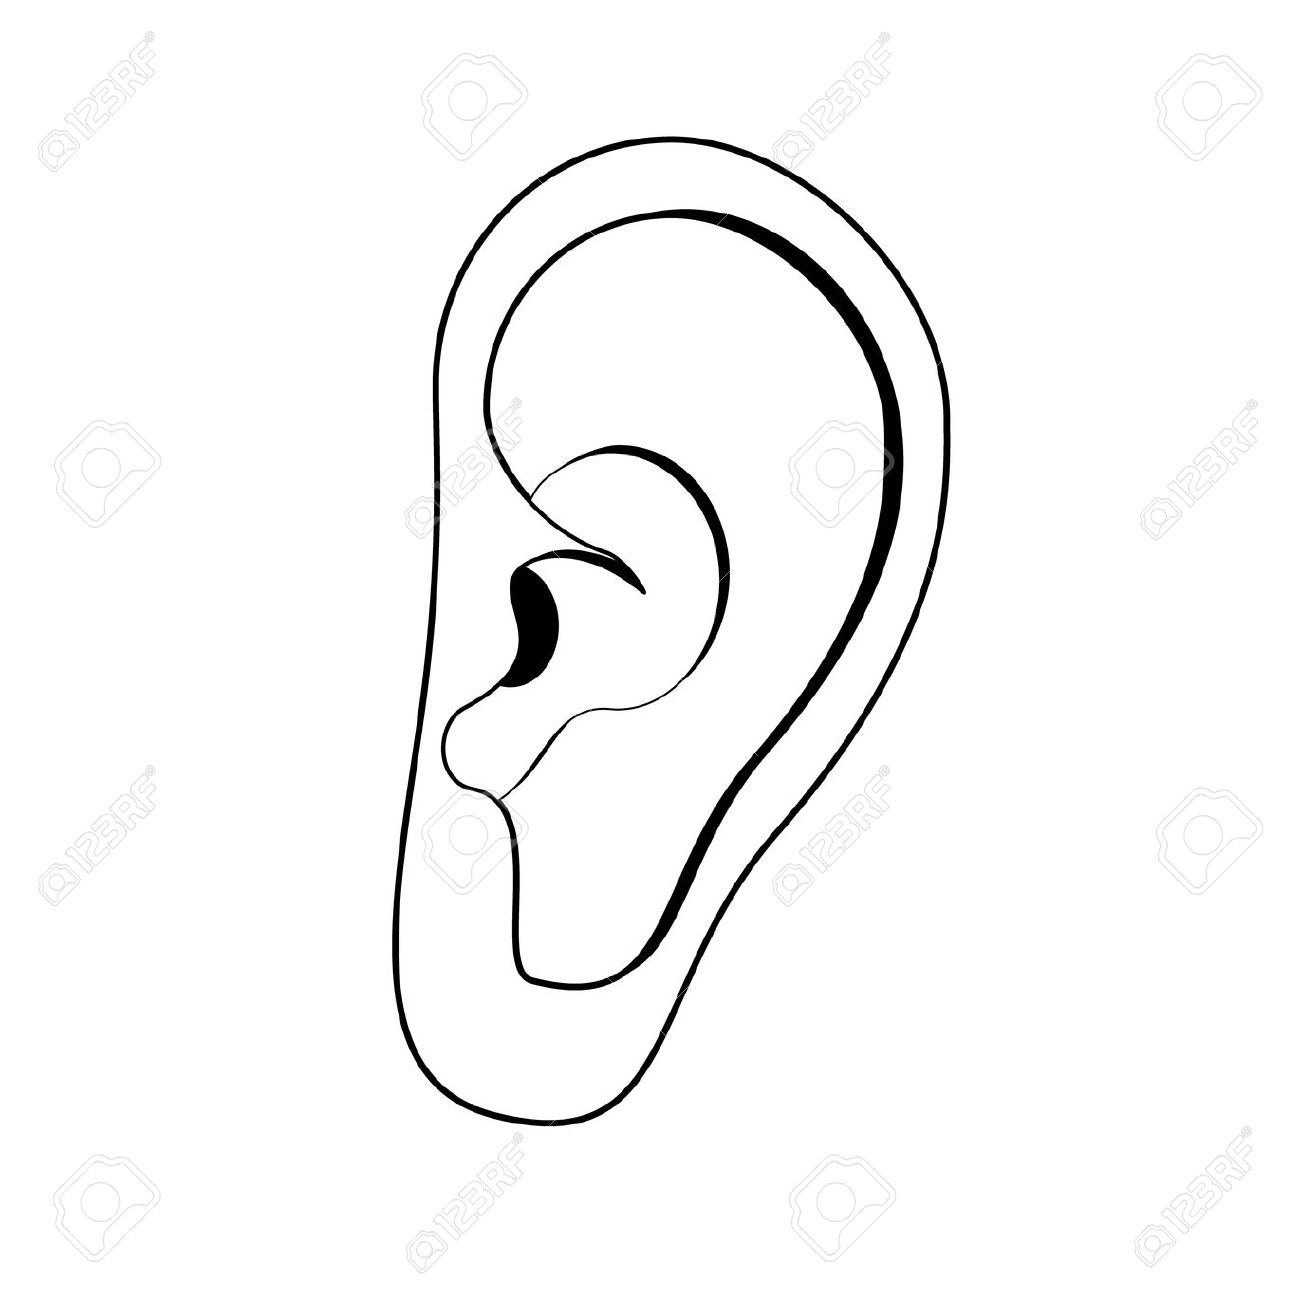 1300x1300 Raster Illustration Of Human Ear. Ear Icon, Symbol. Deaf, Ear